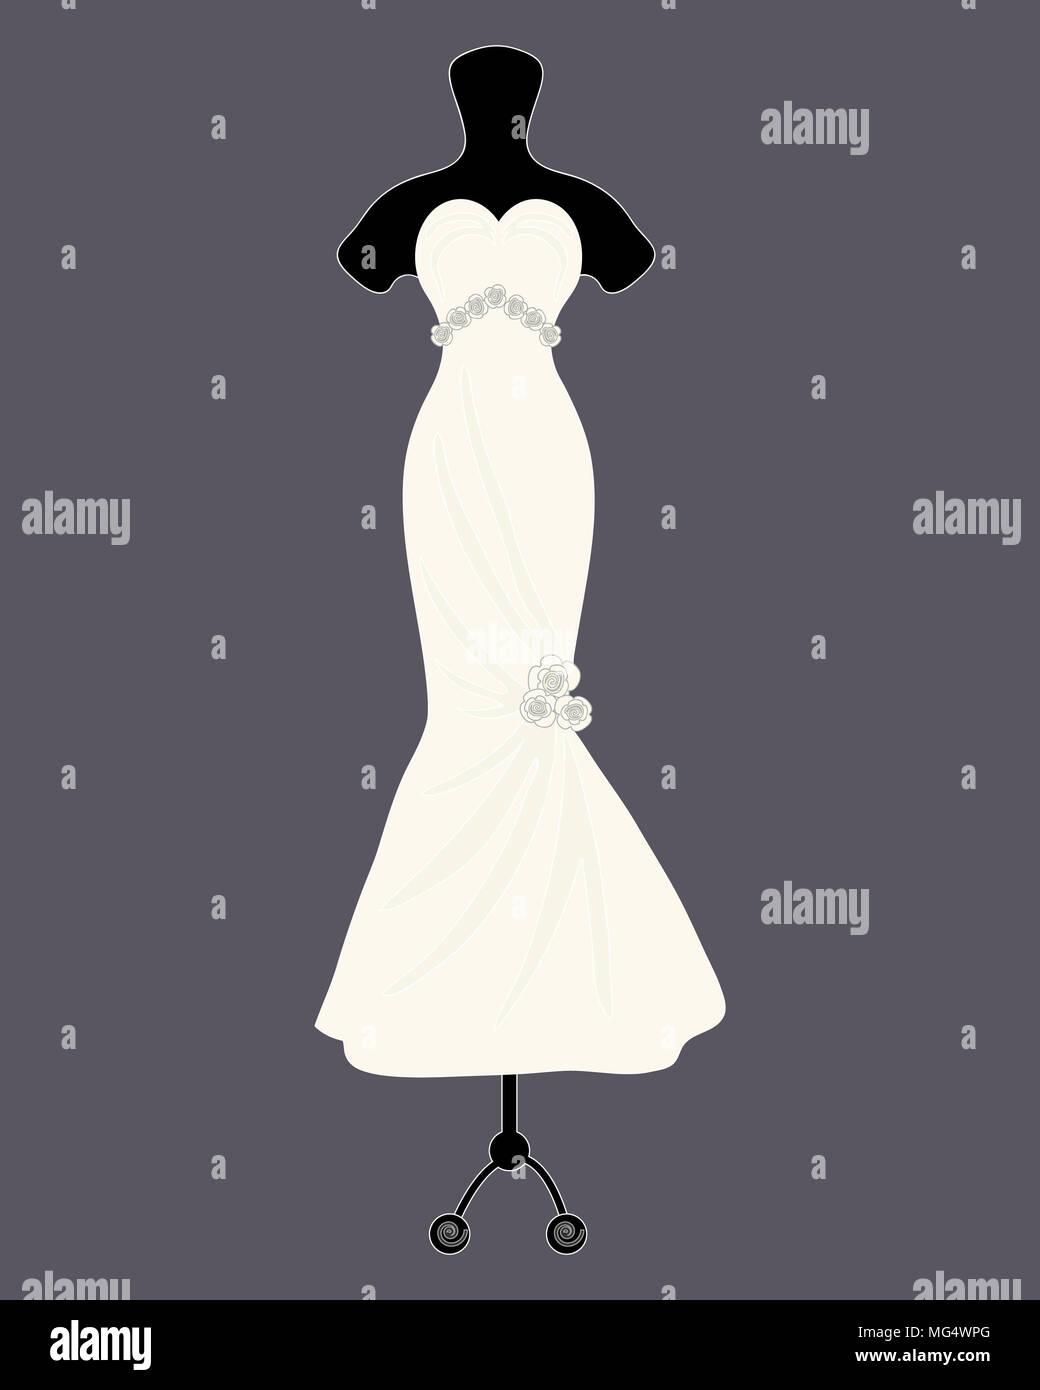 Un'illustrazione di un designer di Bellissimo abito da sposa in uno stile a campana con decorazione di rosa su sfondo grigio scuro Immagini Stock